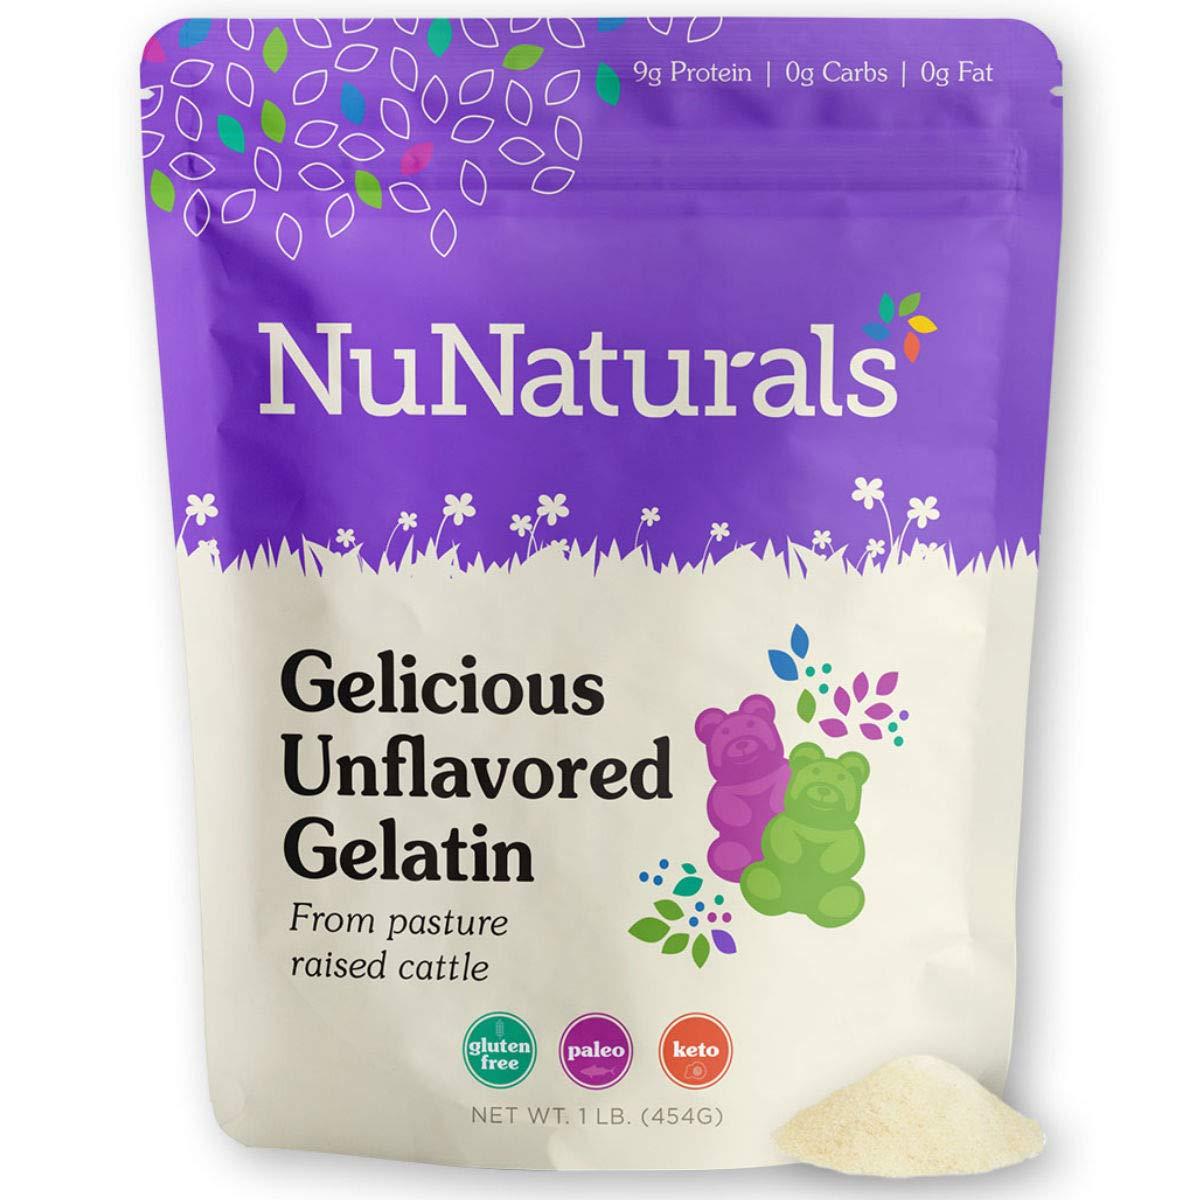 NuNaturals Premium Unflavored Beef Gelatin Powder, 1 Pound, Unflavored